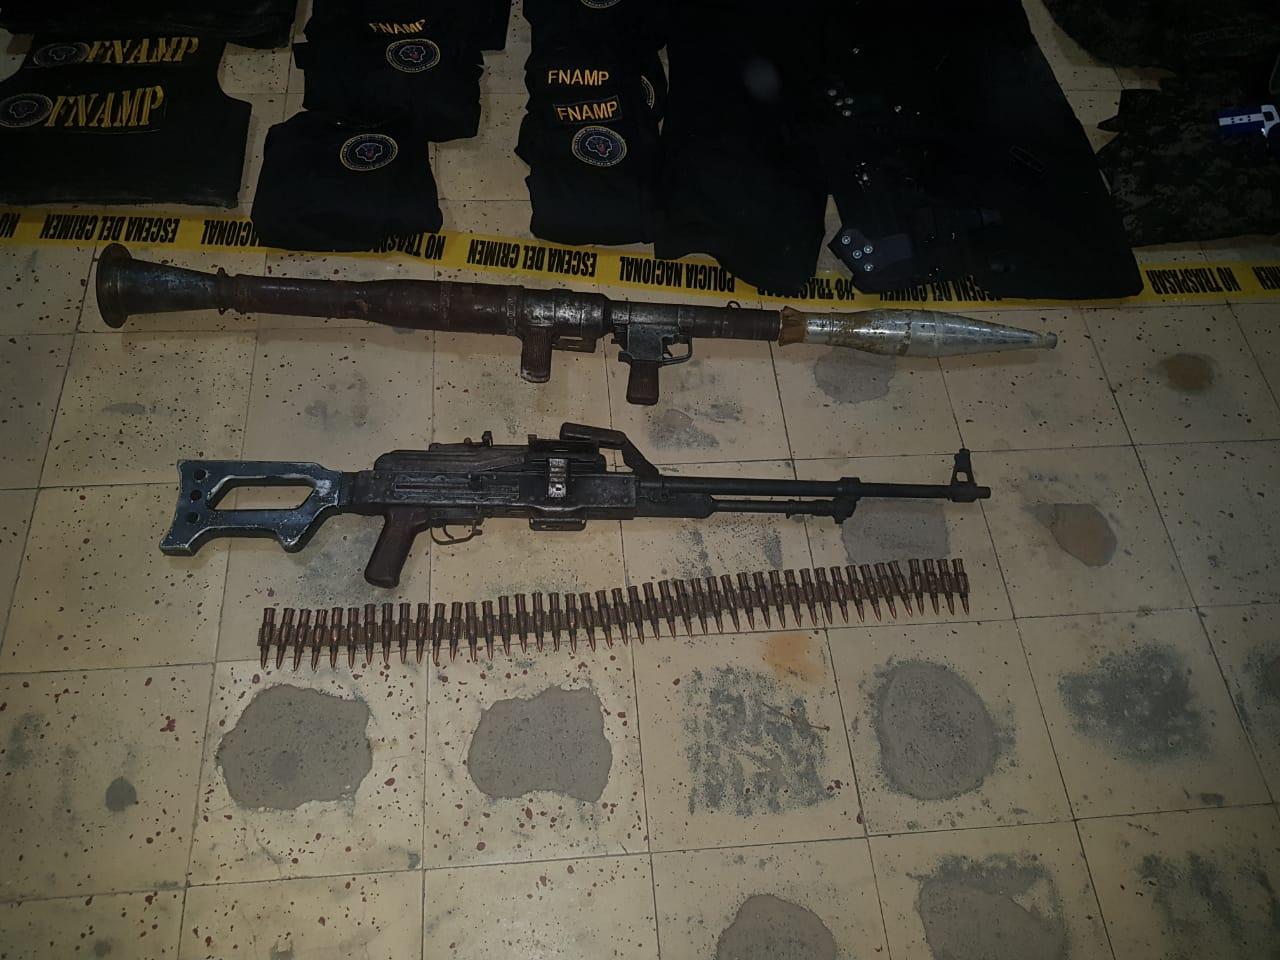 35 armas largas de grueso calibre e indumentaria militar deja operativos en El Progreso